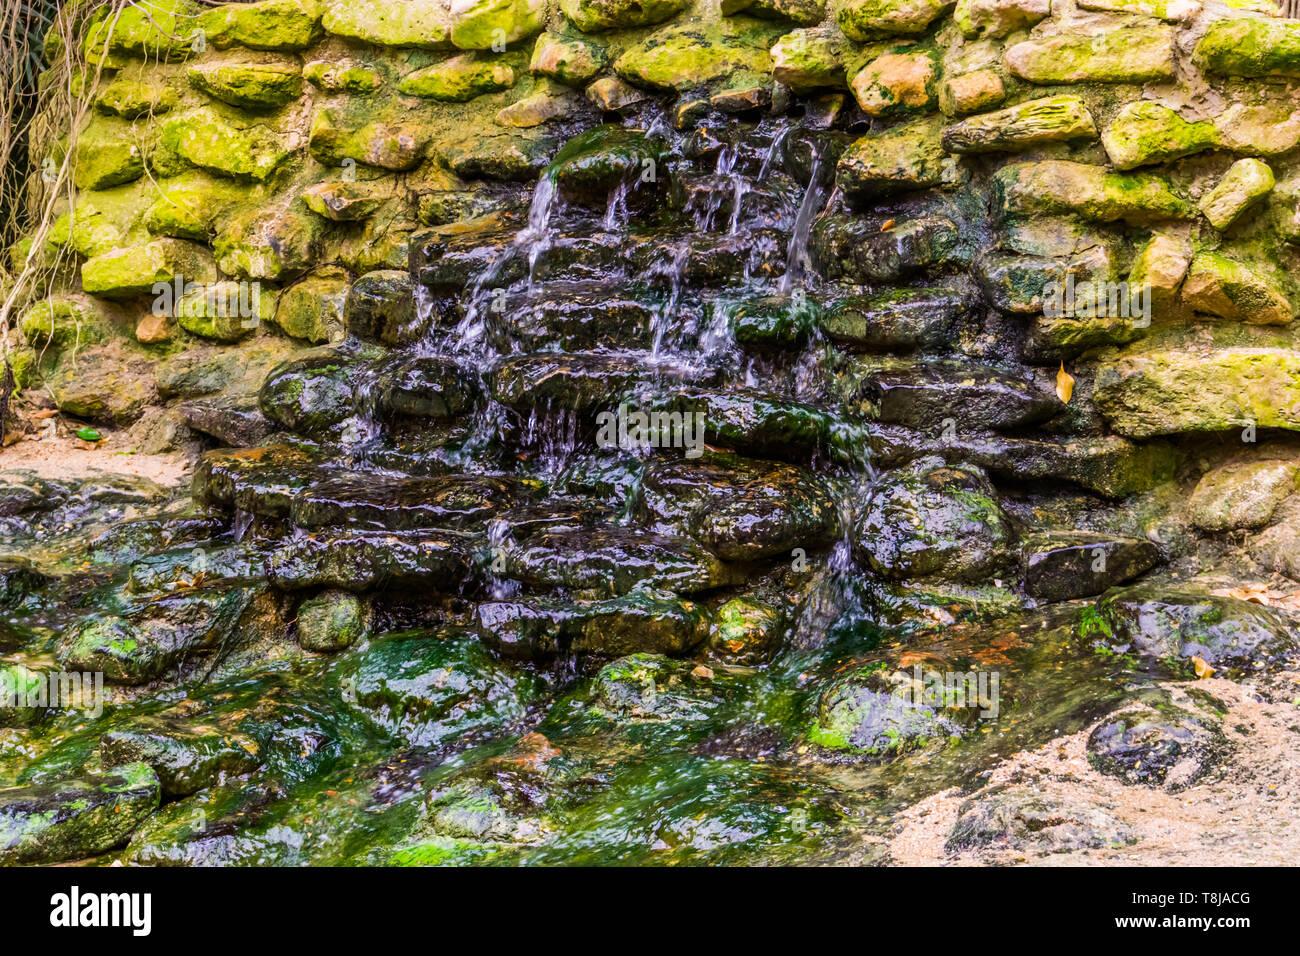 Kleiner Wasserfall In Einem Garten Wasser Streaming Uber